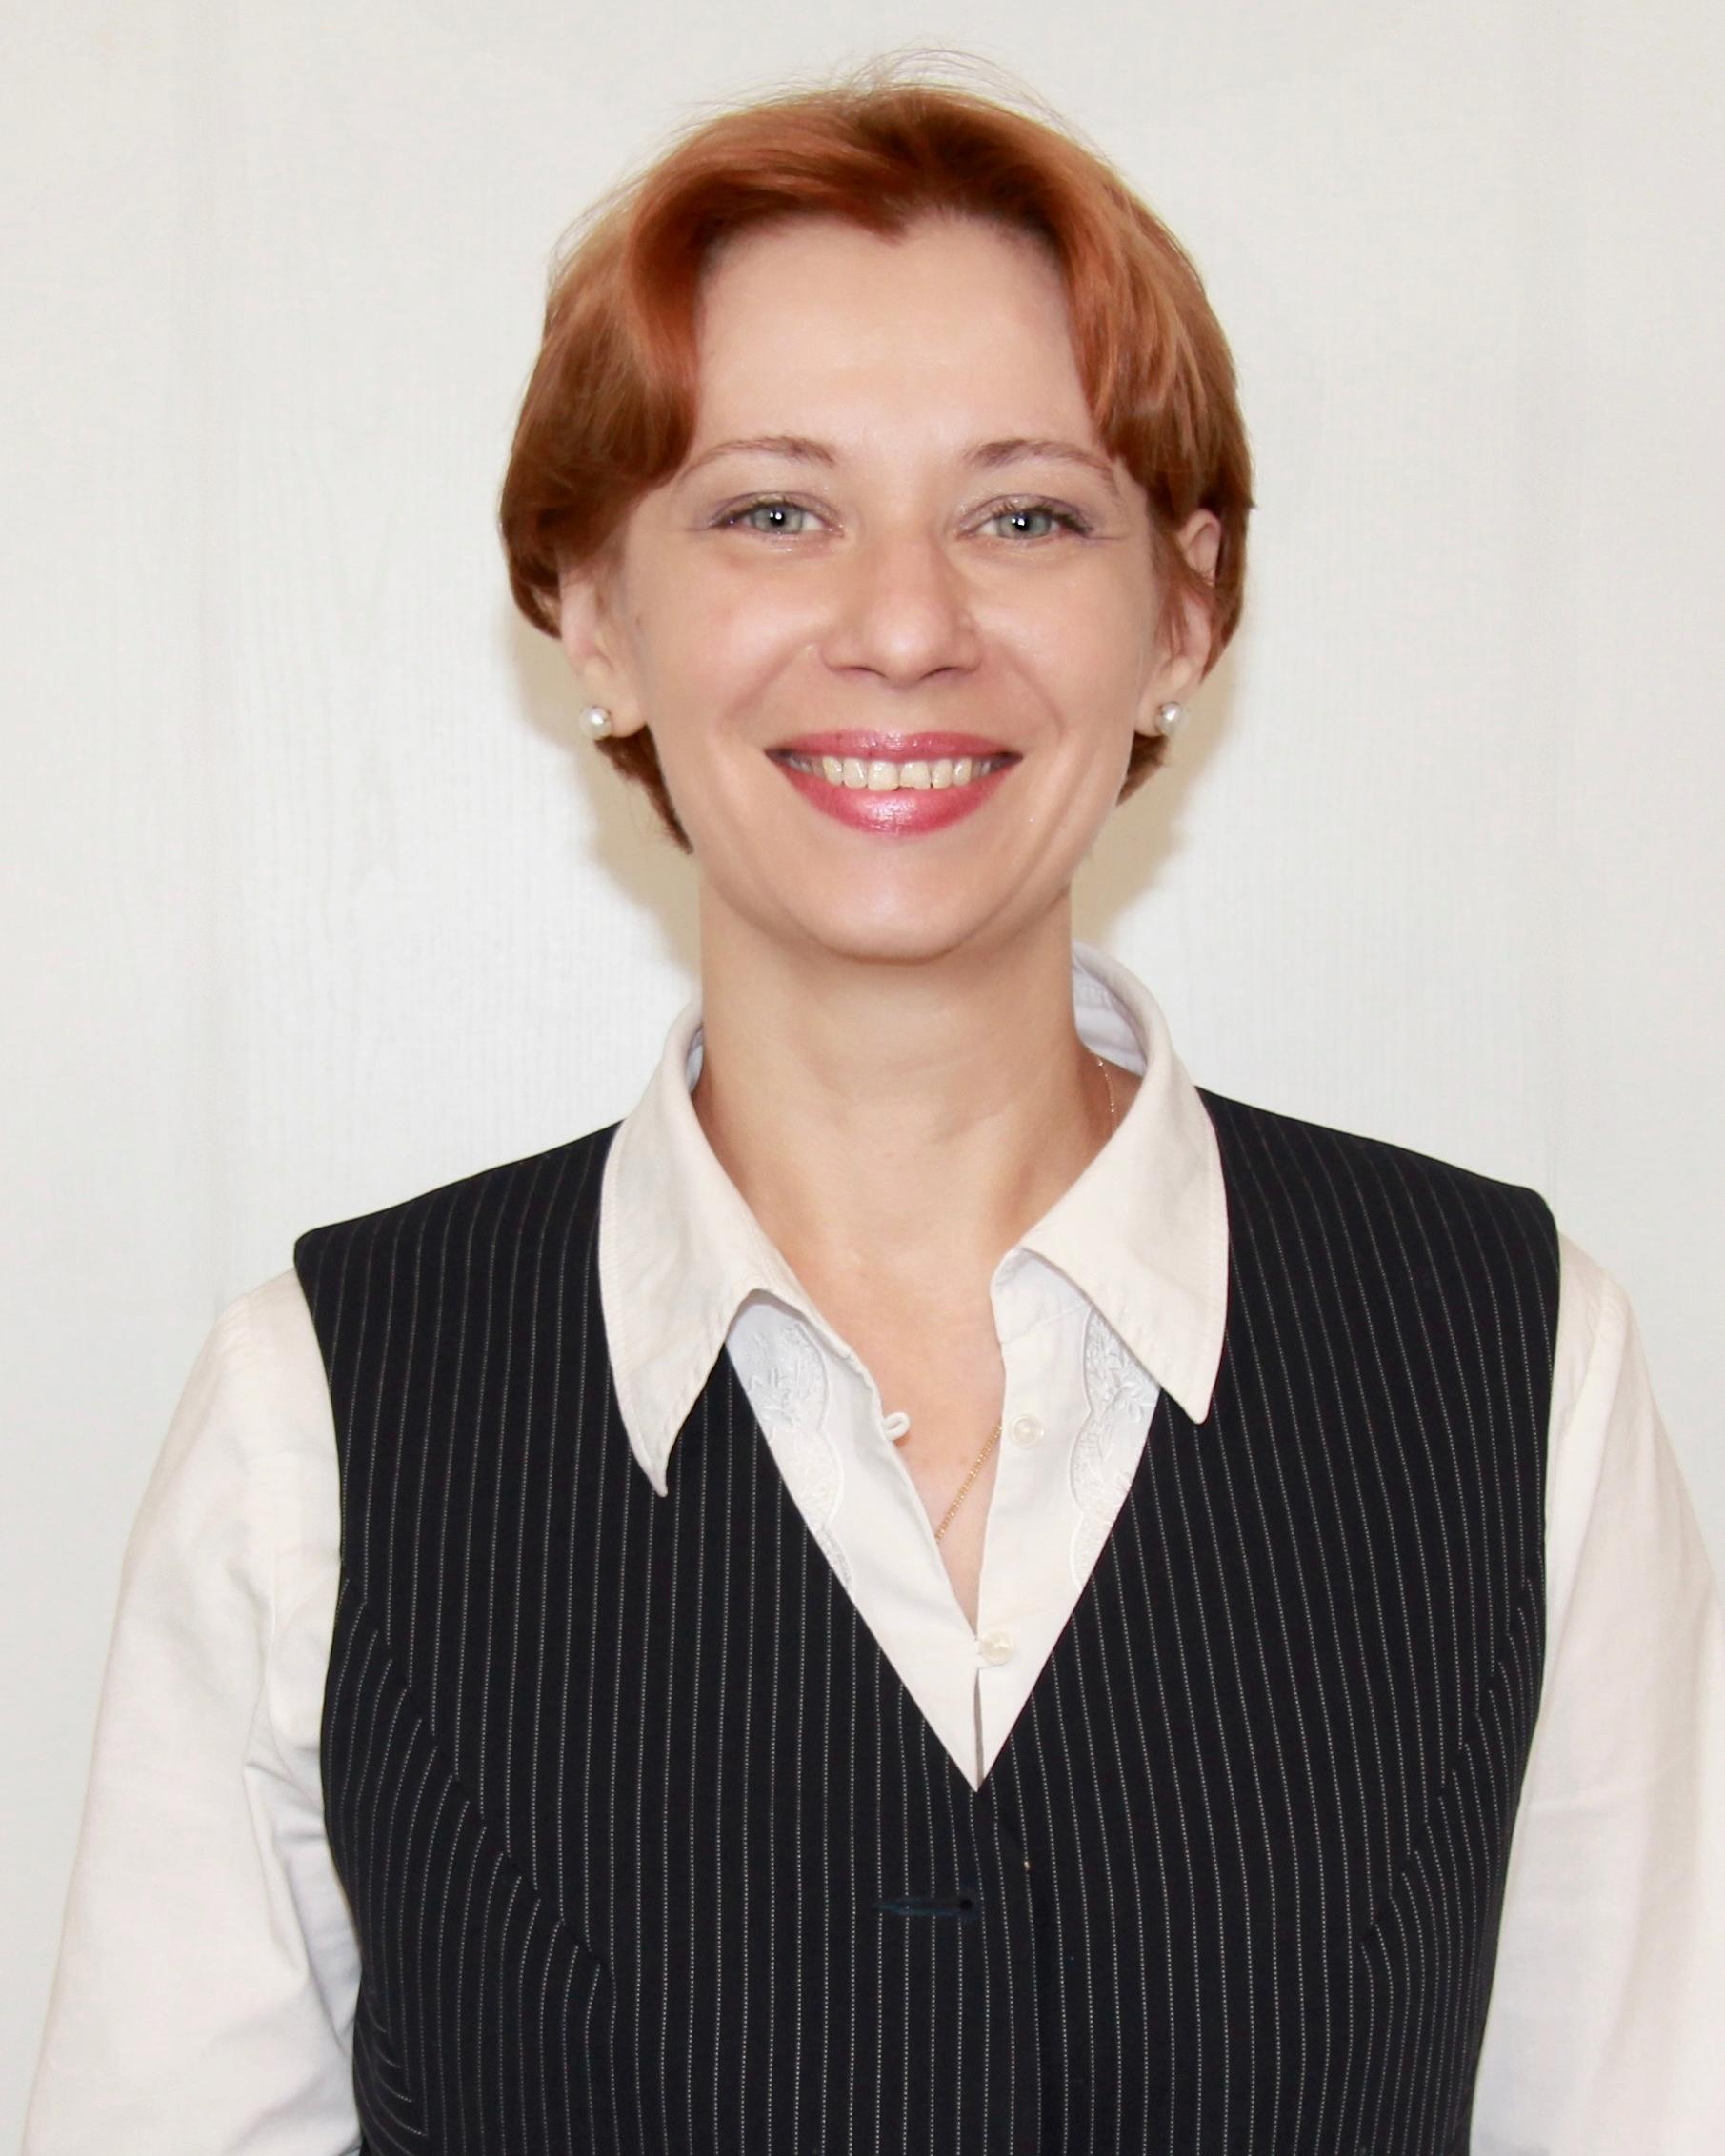 Viktorija Timoščuk